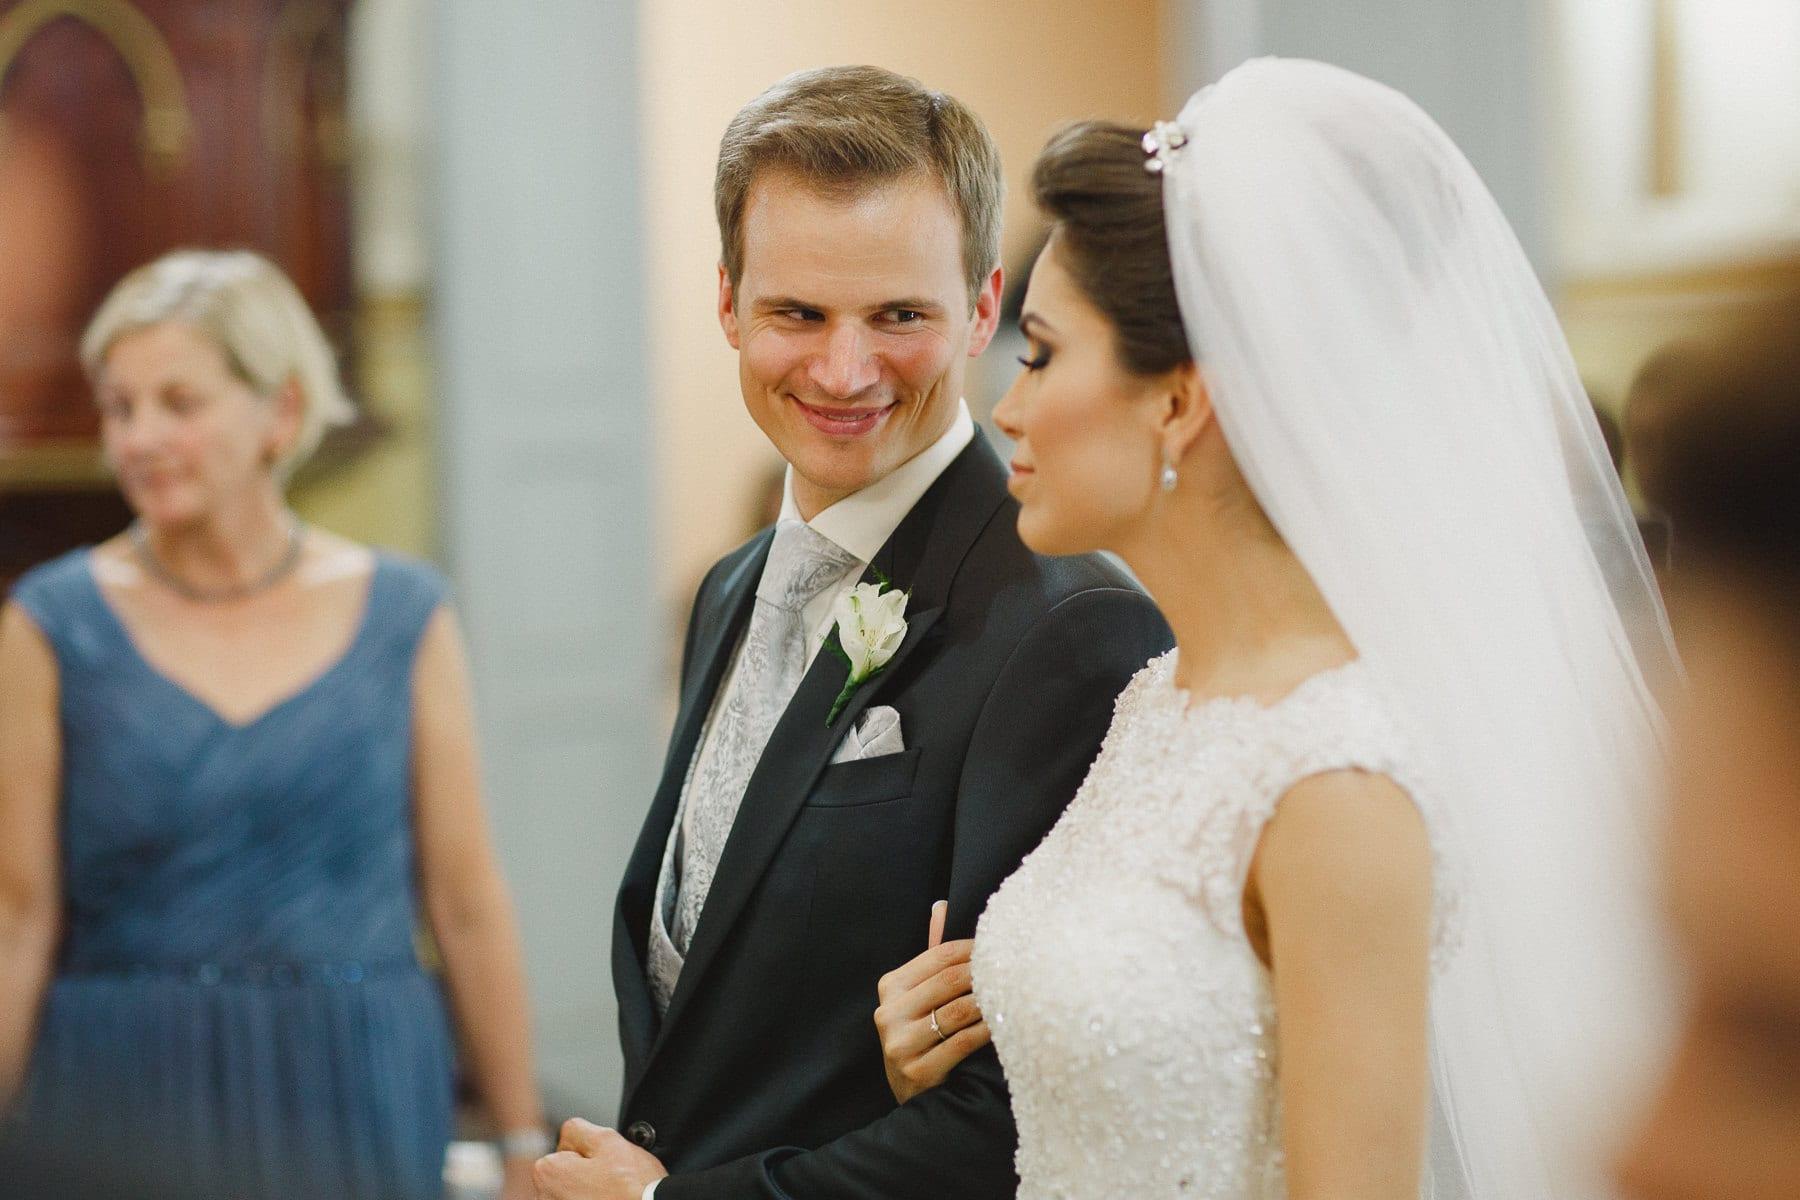 casamento-igreja-do-pequeno-grande-25